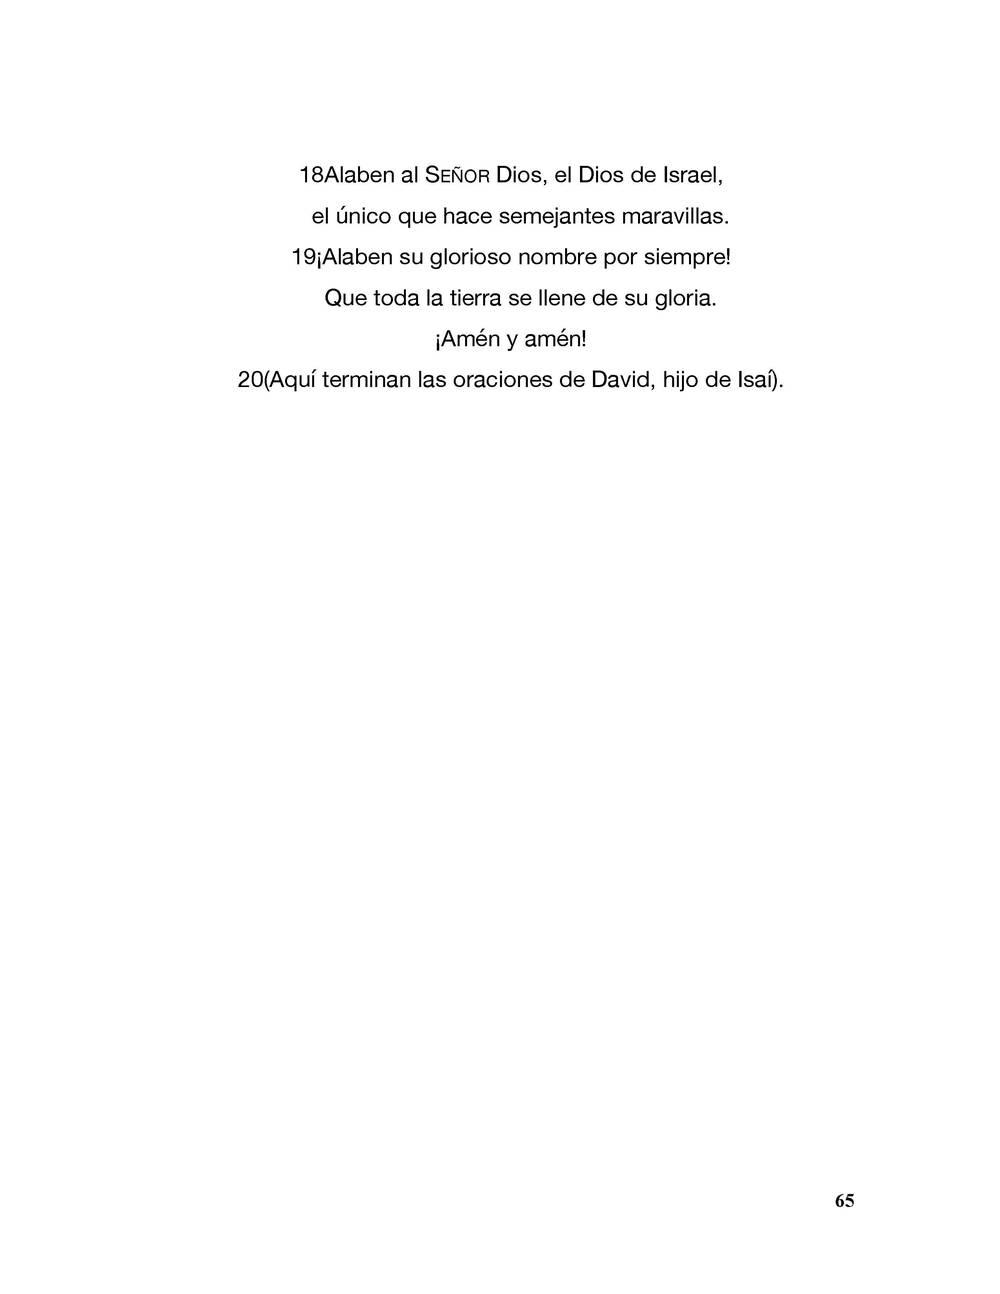 file-page65.jpg